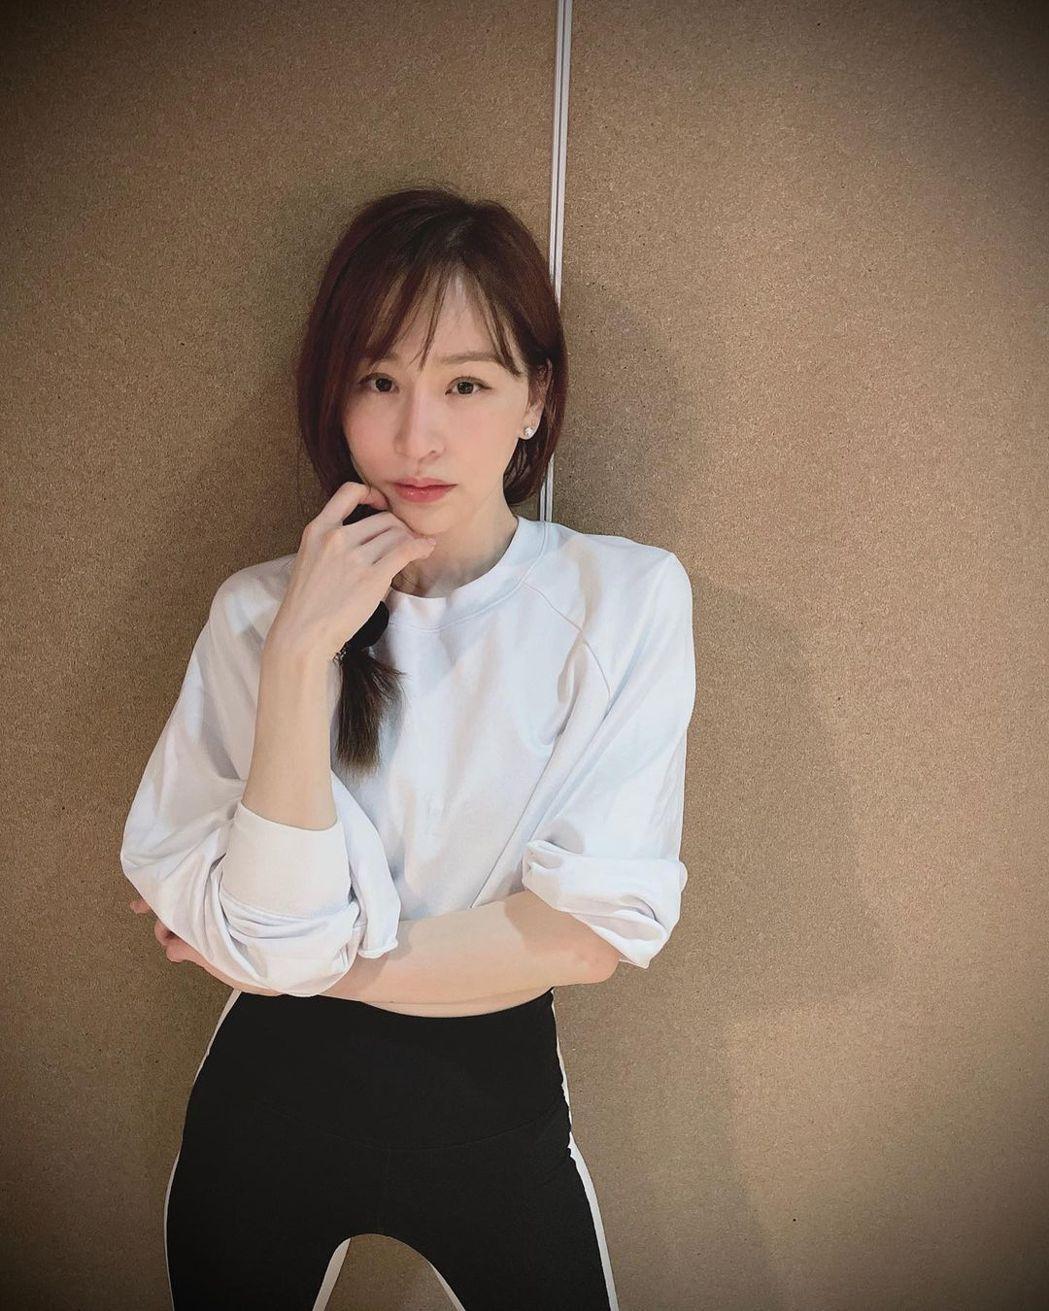 王心凌的高雄演唱會再度延期。圖/摘自IG